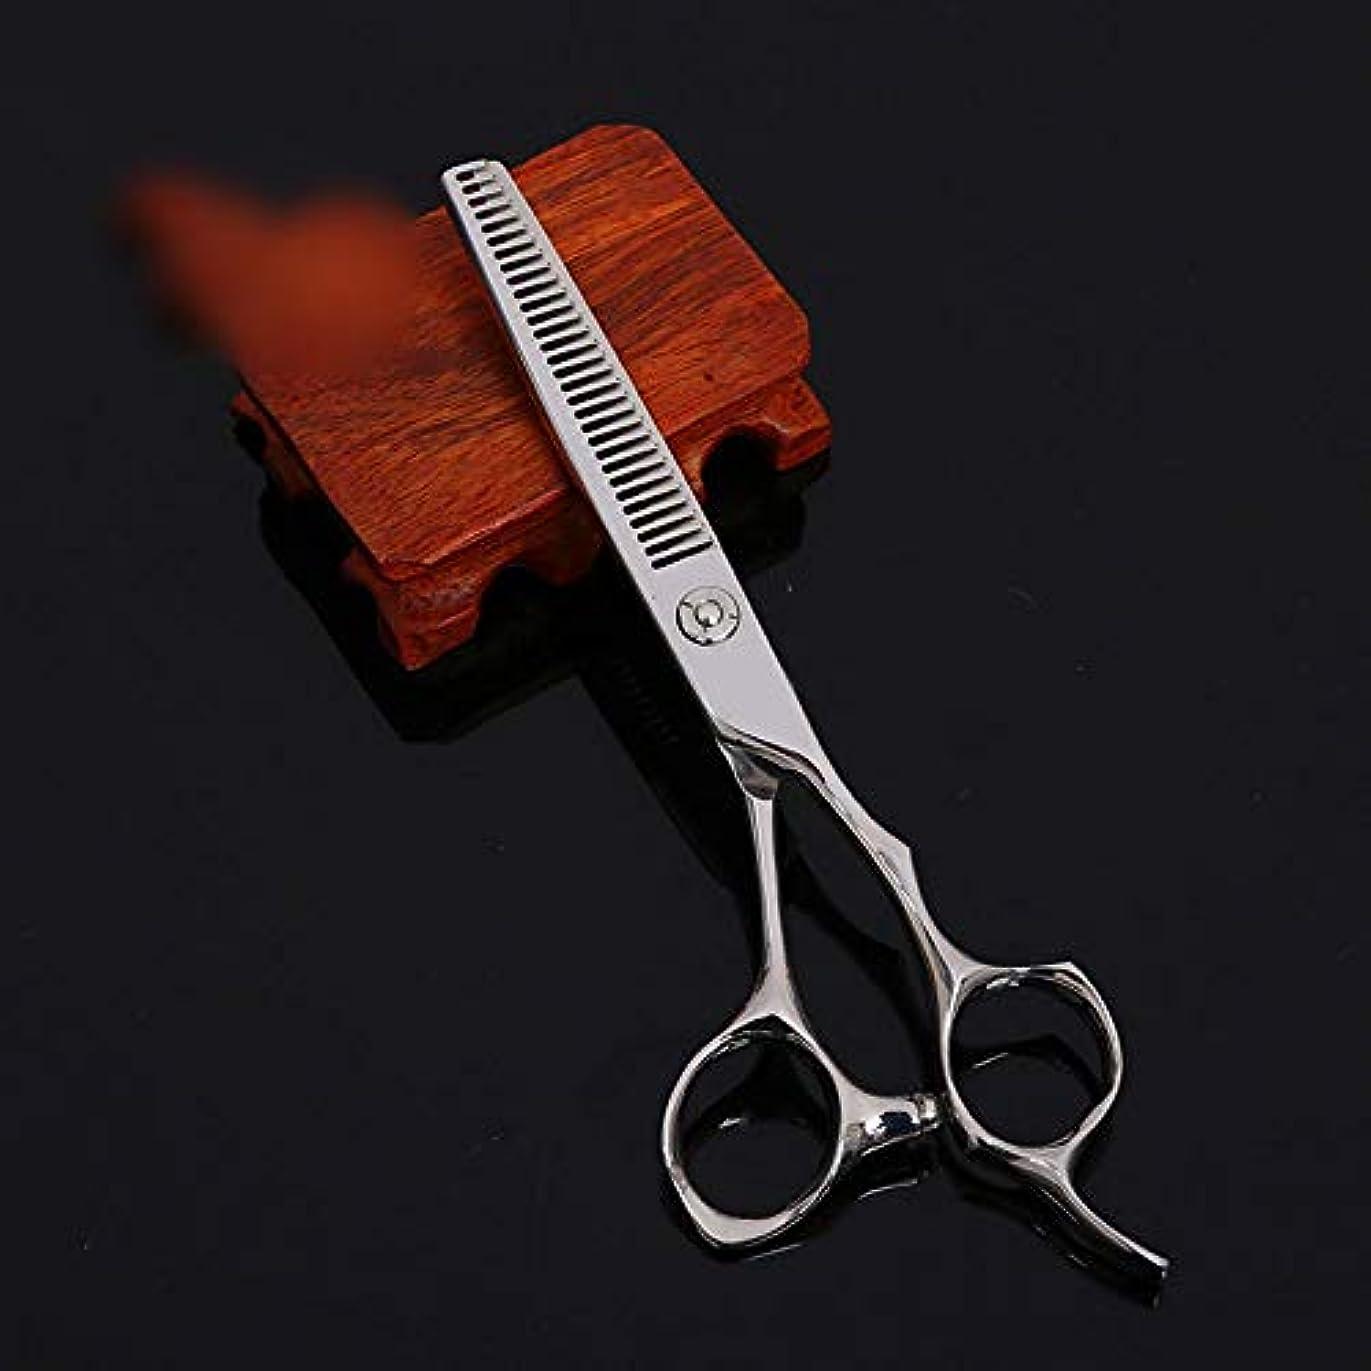 迅速生命体機械的にWASAIO 理容サロンテクスチャーレイザーエッジシザー髪のはさみステンレスの設定ツール6インチカービング美容専門の理髪はさみ歯 (色 : Silver)